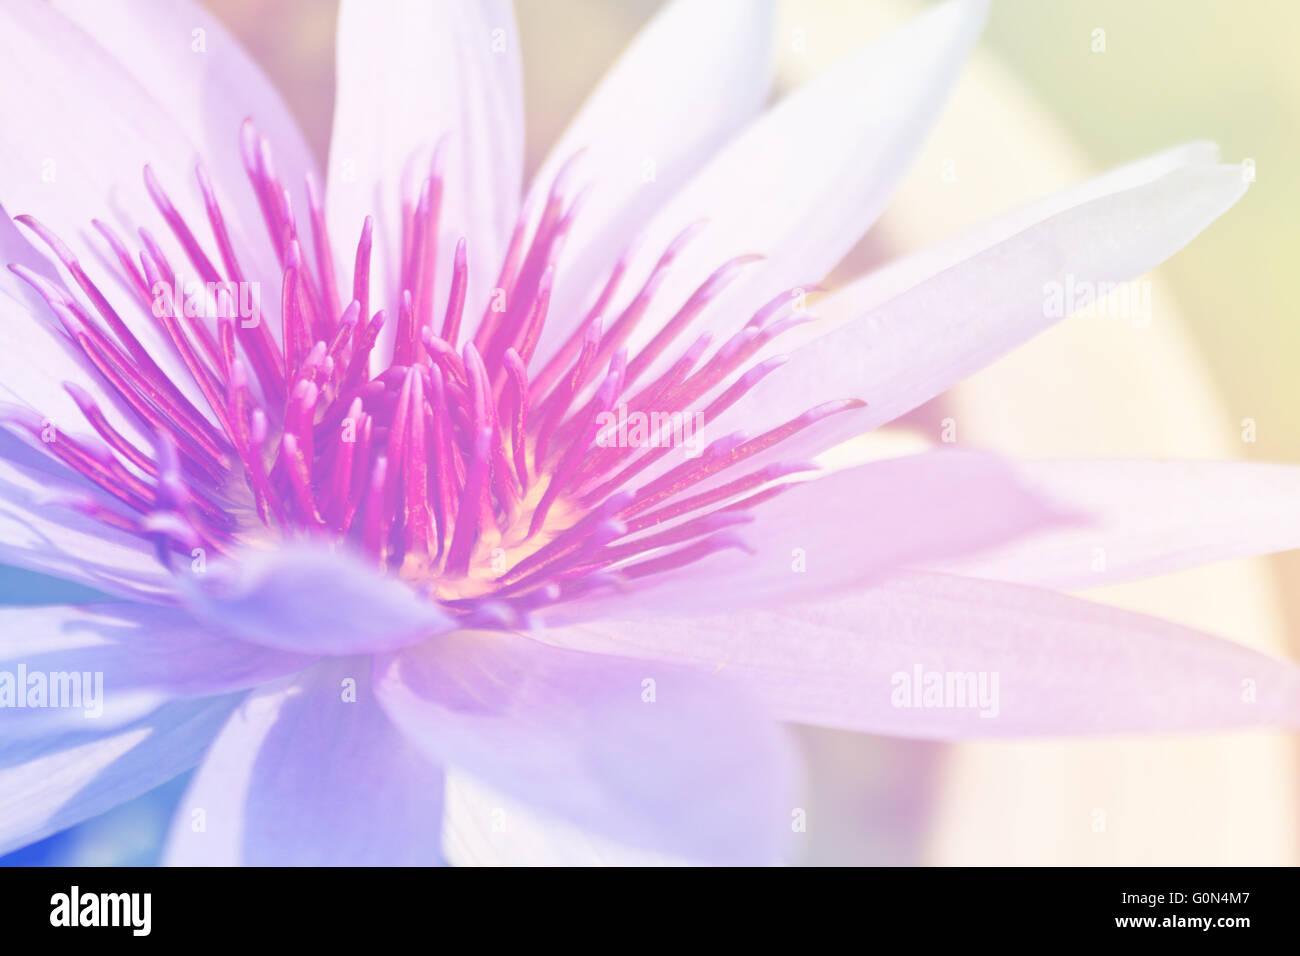 Lotus flower as symbol stock photos lotus flower as symbol stock beautiful lotus flower background symbol of nature stock image mightylinksfo